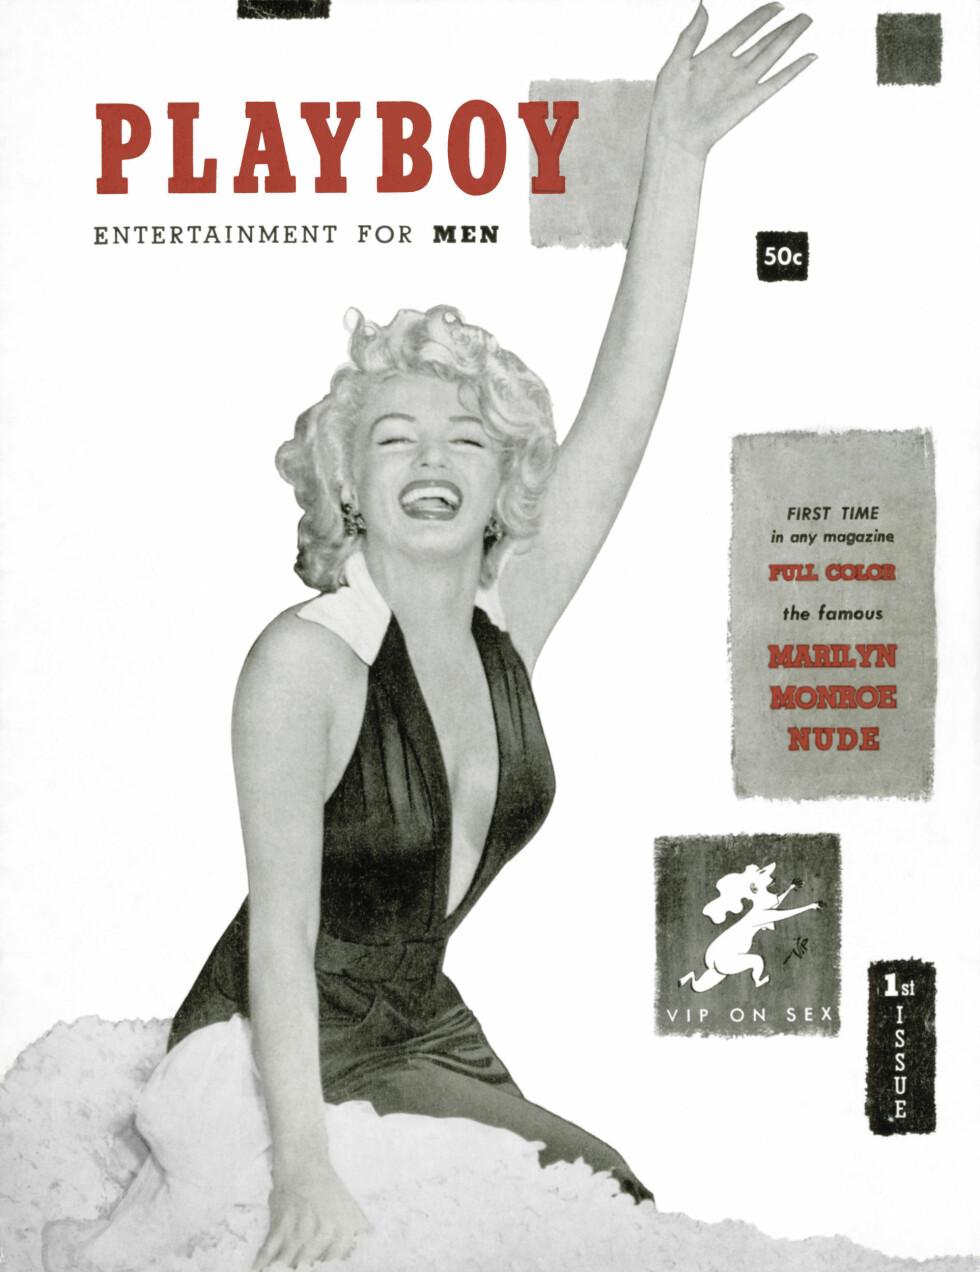 FØRSTEUTGAVE: Med Marilyn Monroe kom ut i desember 1953 og i et beskjedent opplag på 54.000 som ble revet vekk fra hyllene.